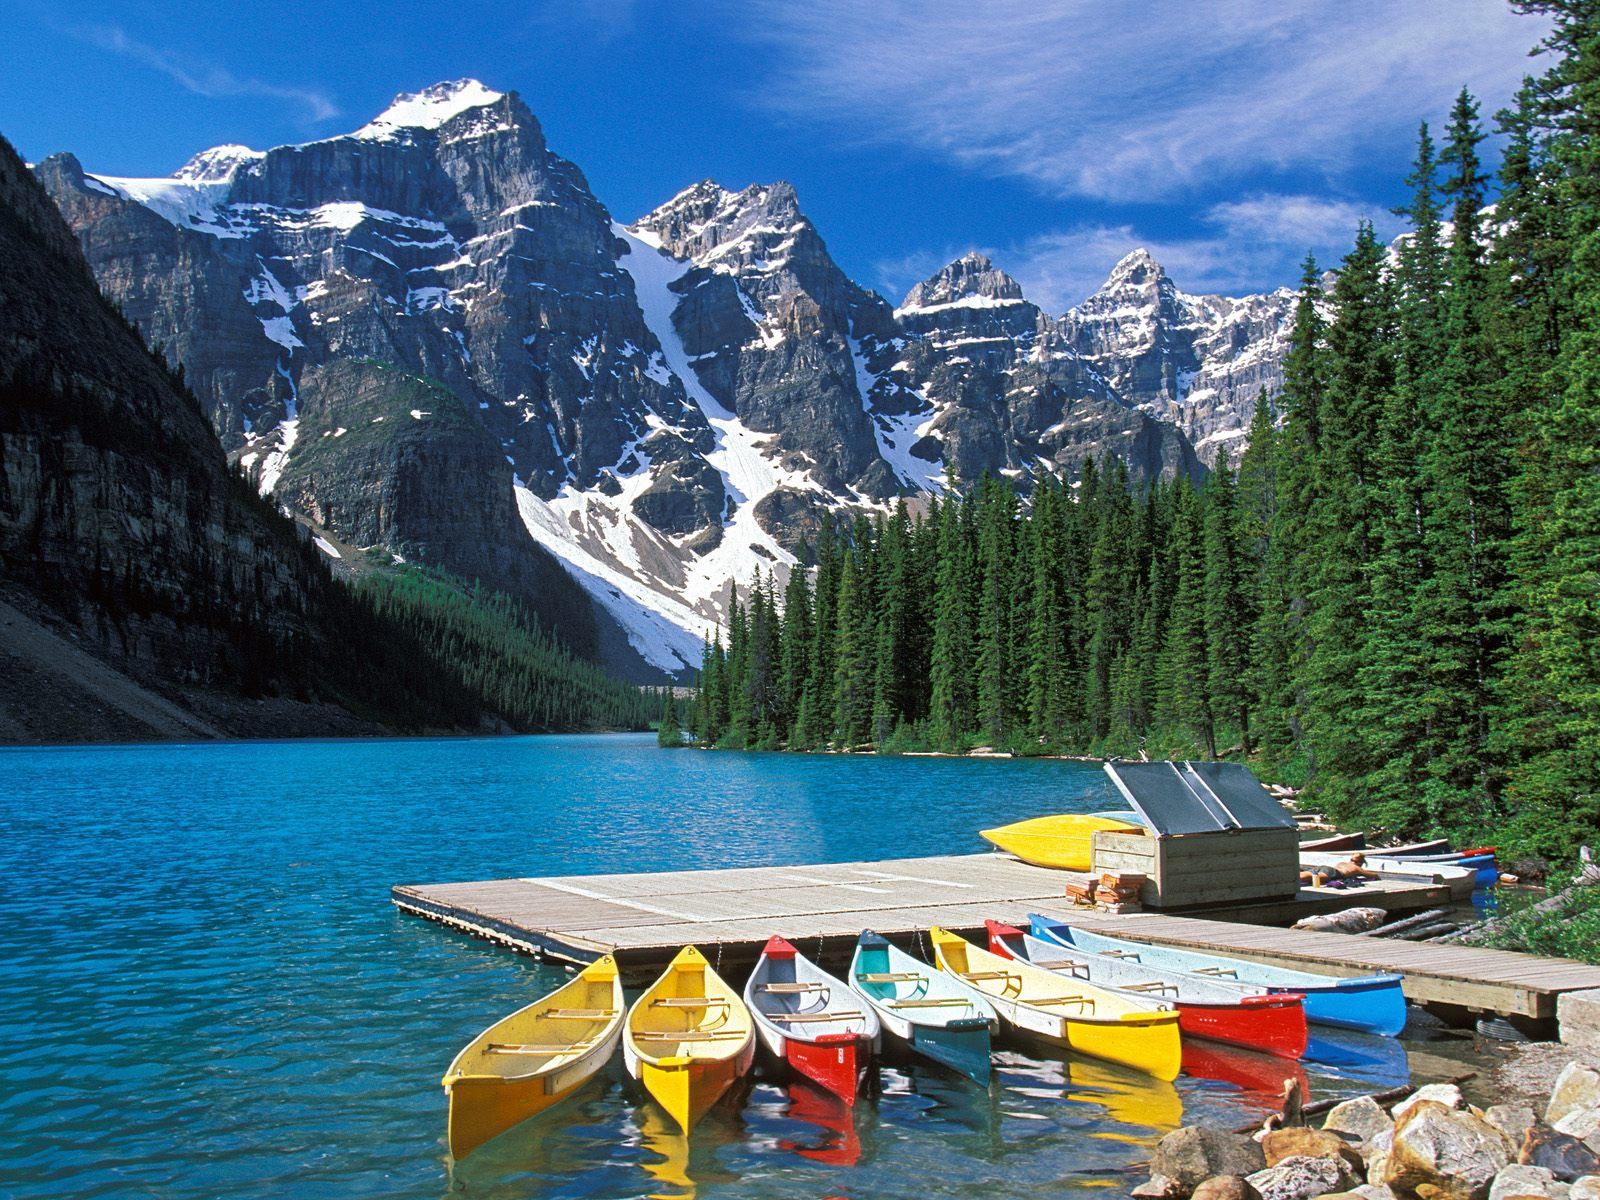 Kanada Moraine_Lake_Banff_National_Park_Canada